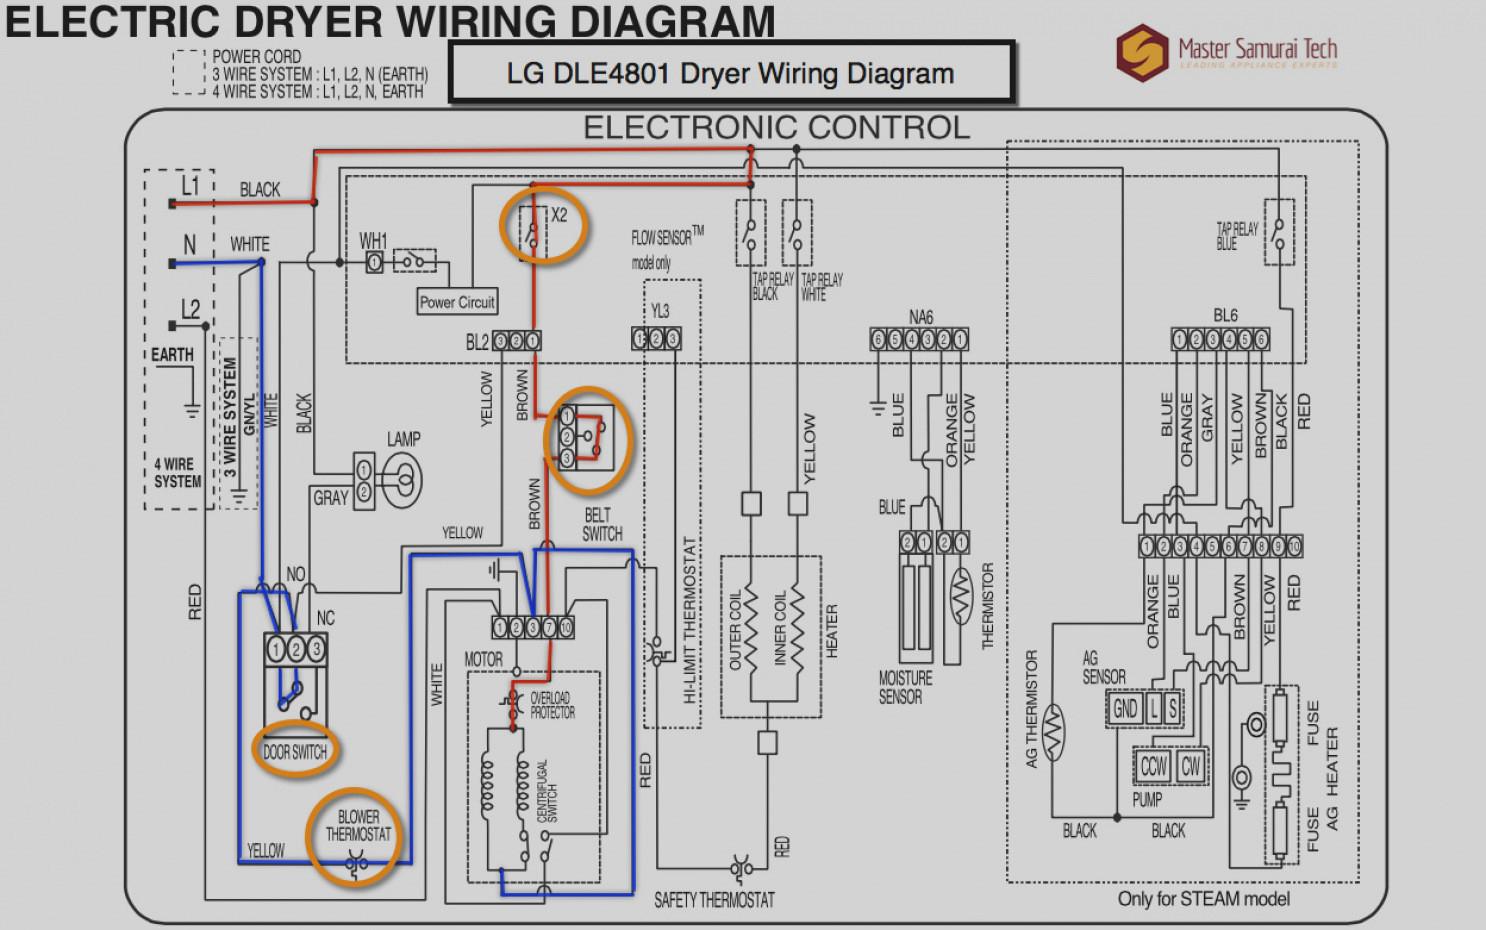 [EQHS_1162]  Bosch Washing Machine Motor Wiring Diagram | Wiring Library | Bosch Fuel Gauge Wiring Diagram Schematic |  | 55.hogerteknologerna.org